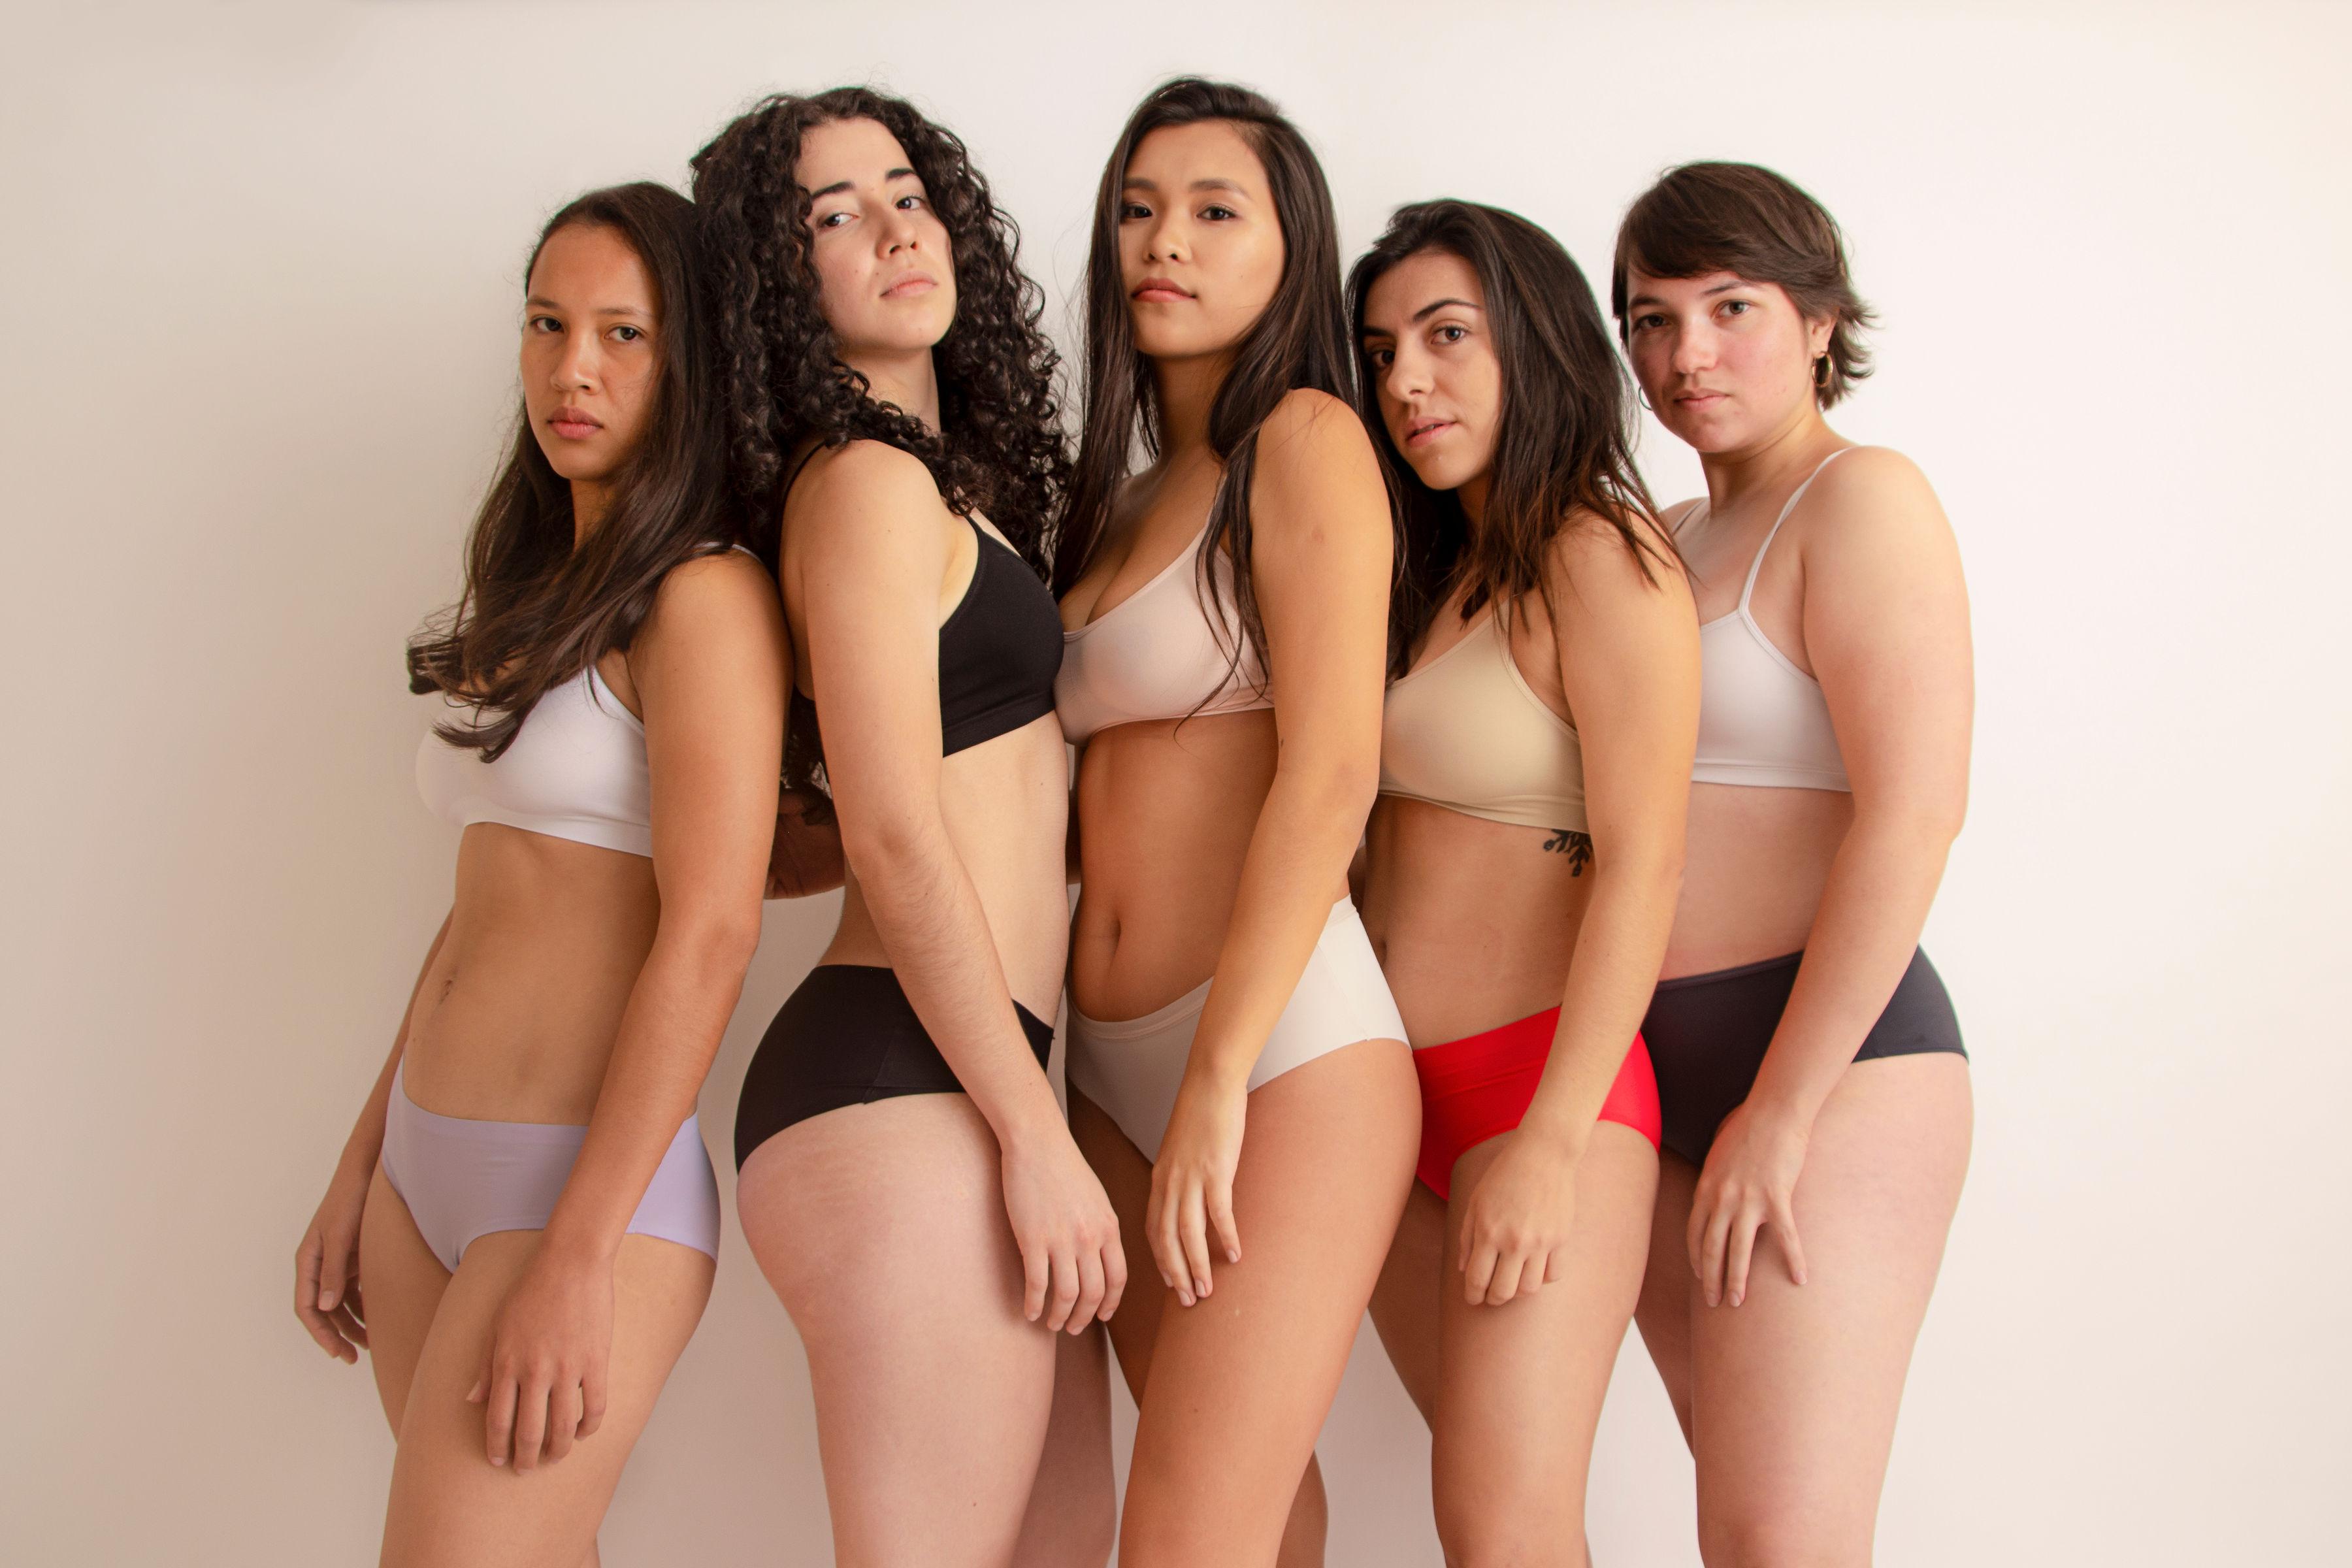 Una menstruación sostenible nos empodera